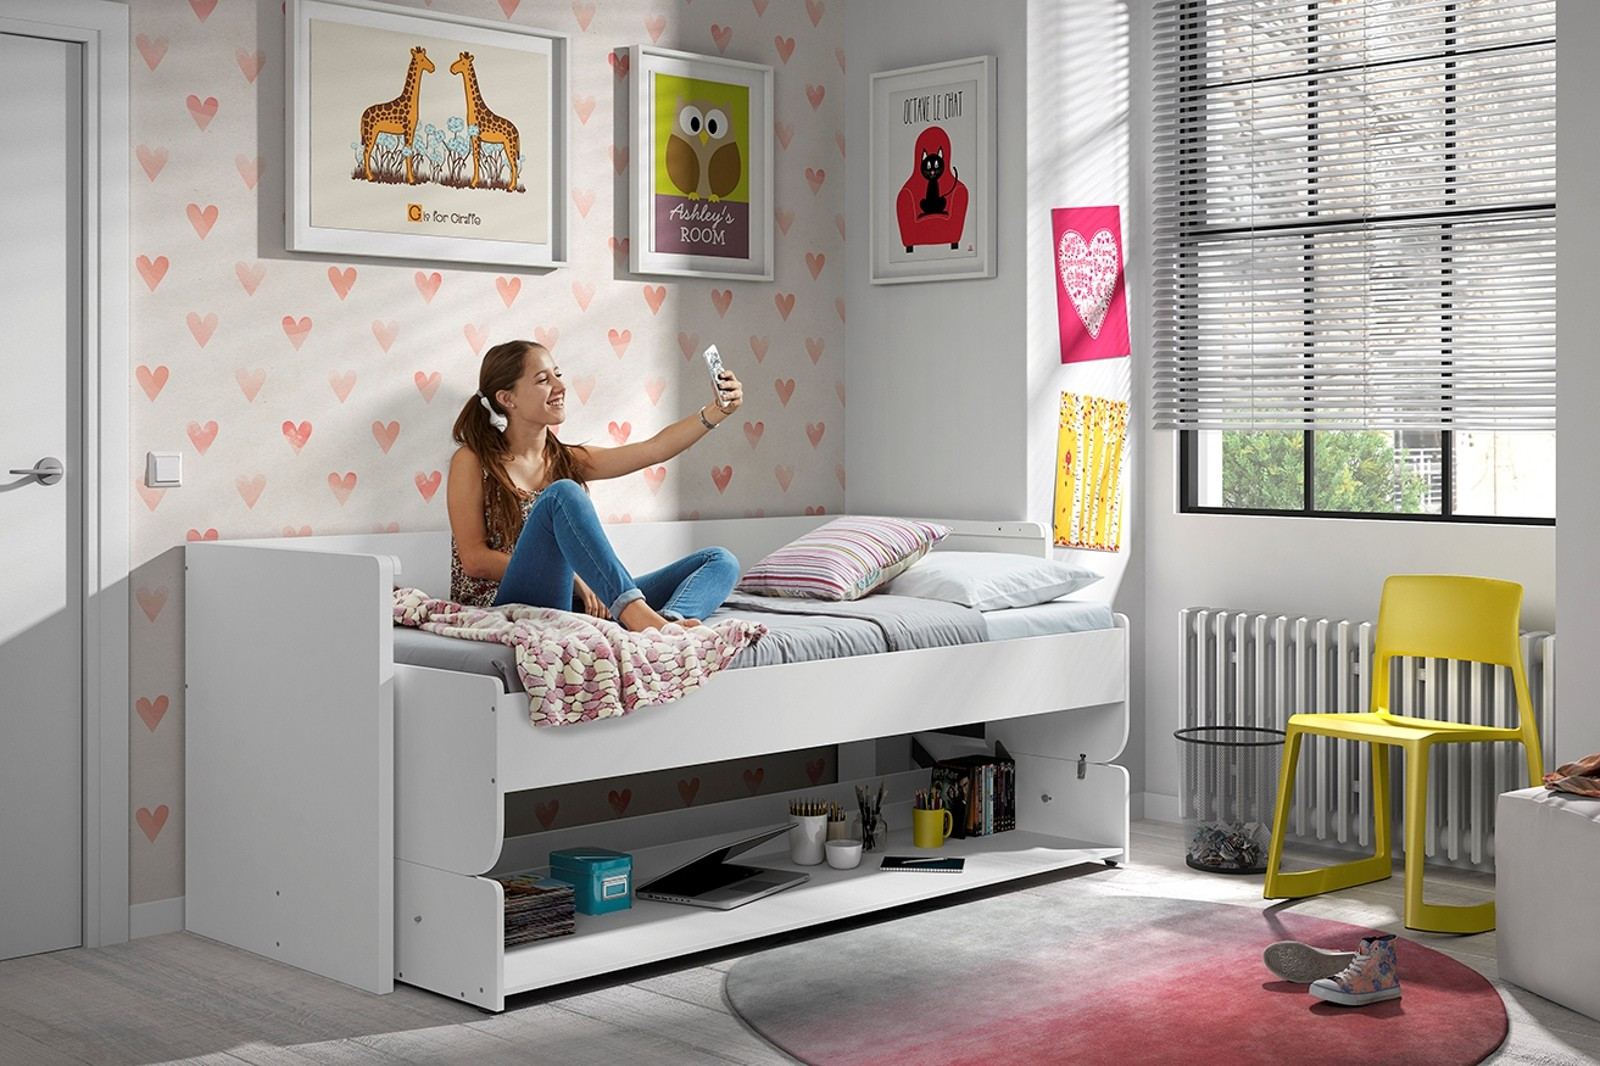 Funktionsbett denver mit einzelbett und schreibtisch for Funktionsbett jugendzimmer